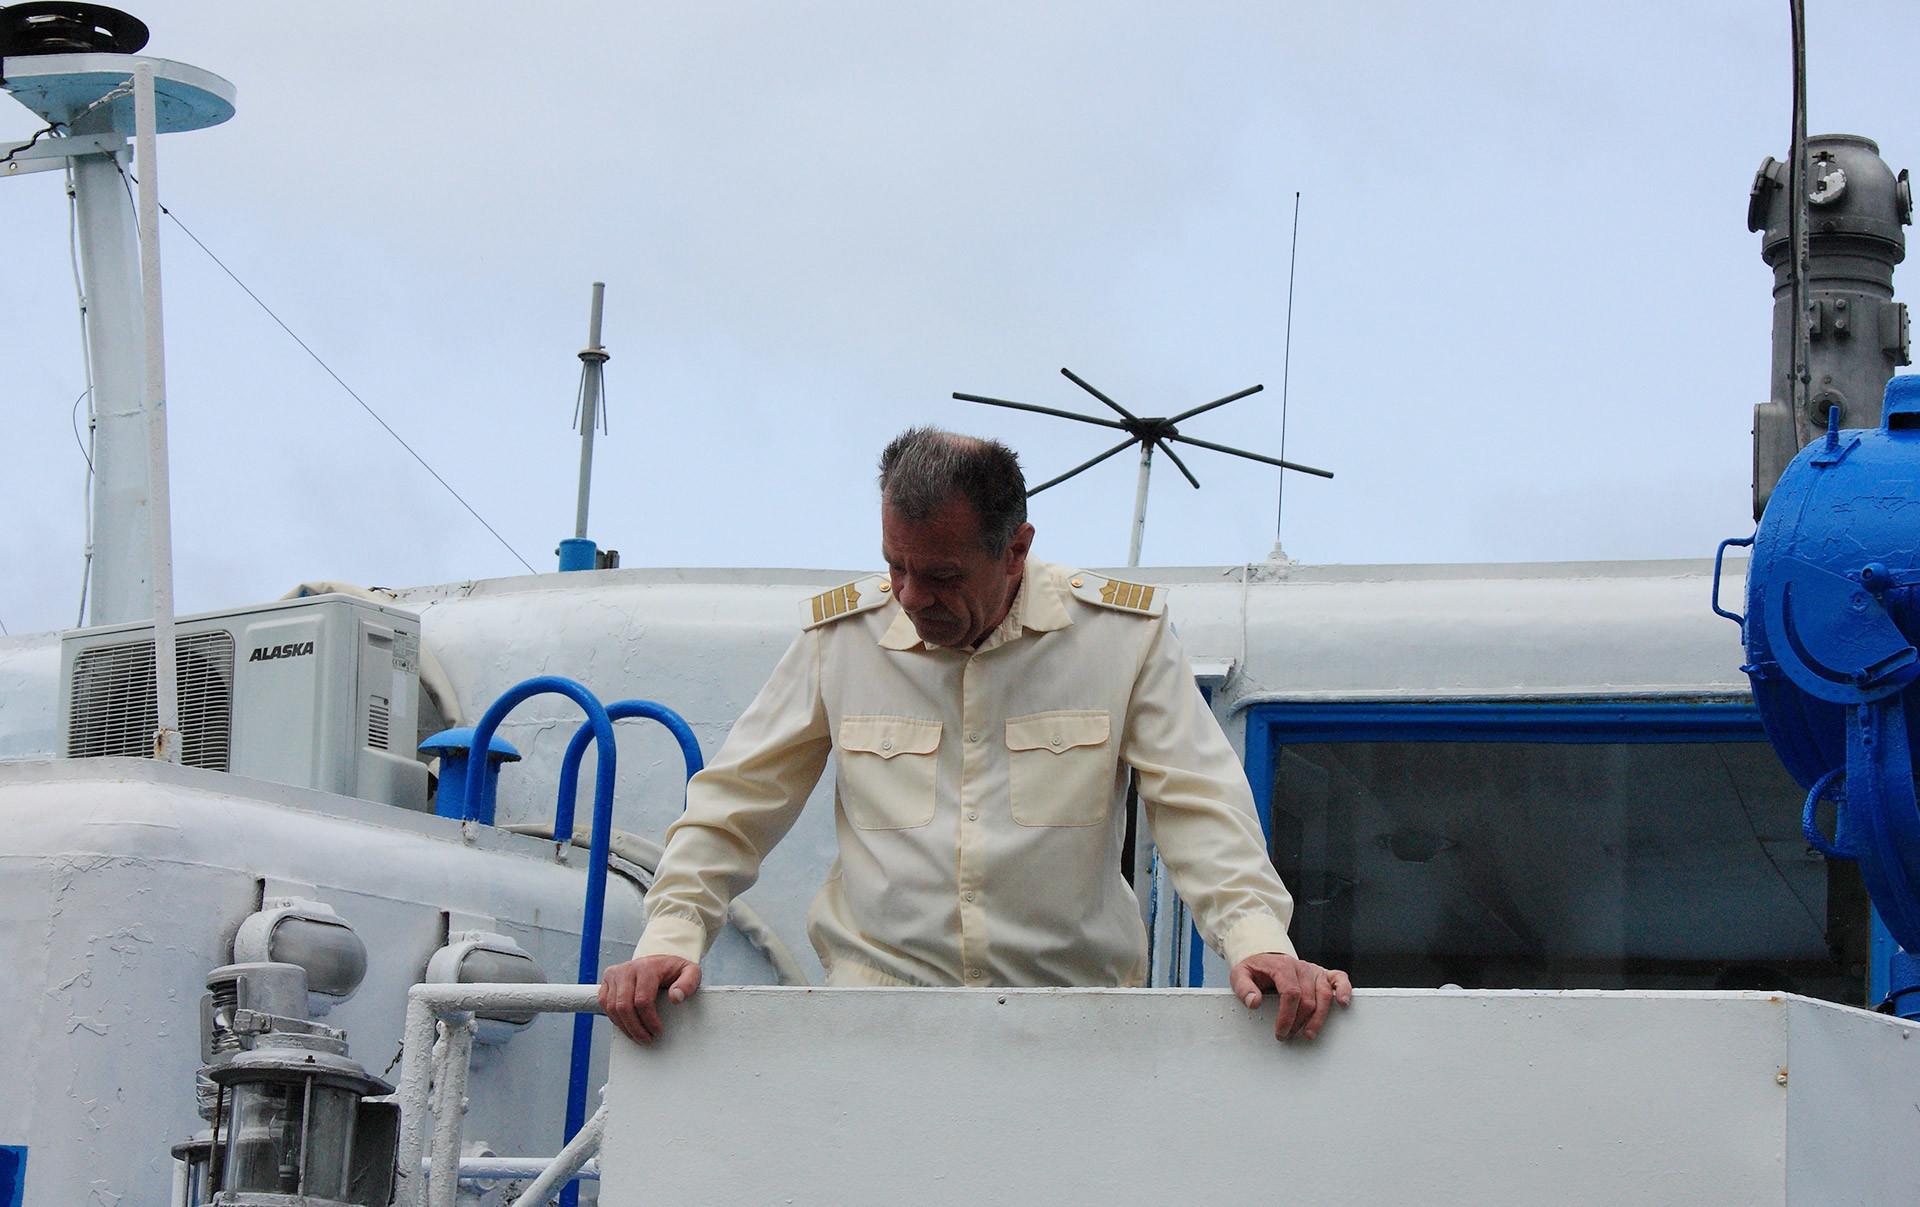 Капитан Александр Островский. Фото © РИА Новости/Антон Тюрин